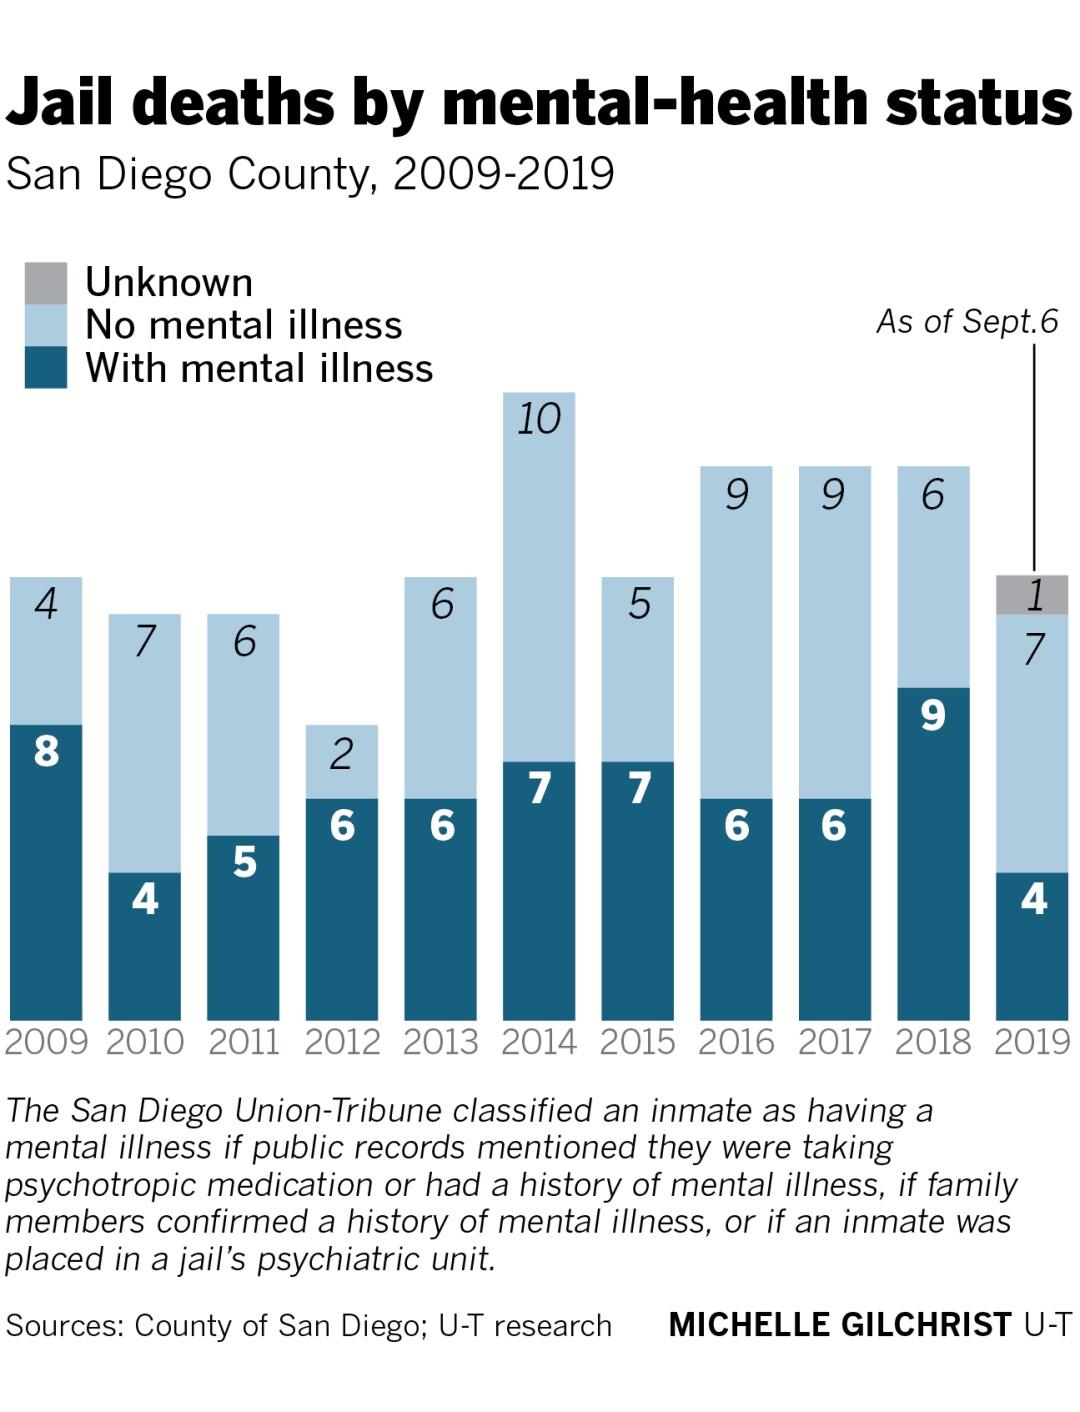 465931-w2-sd-id-g-jail-deaths-mental-health.jpg